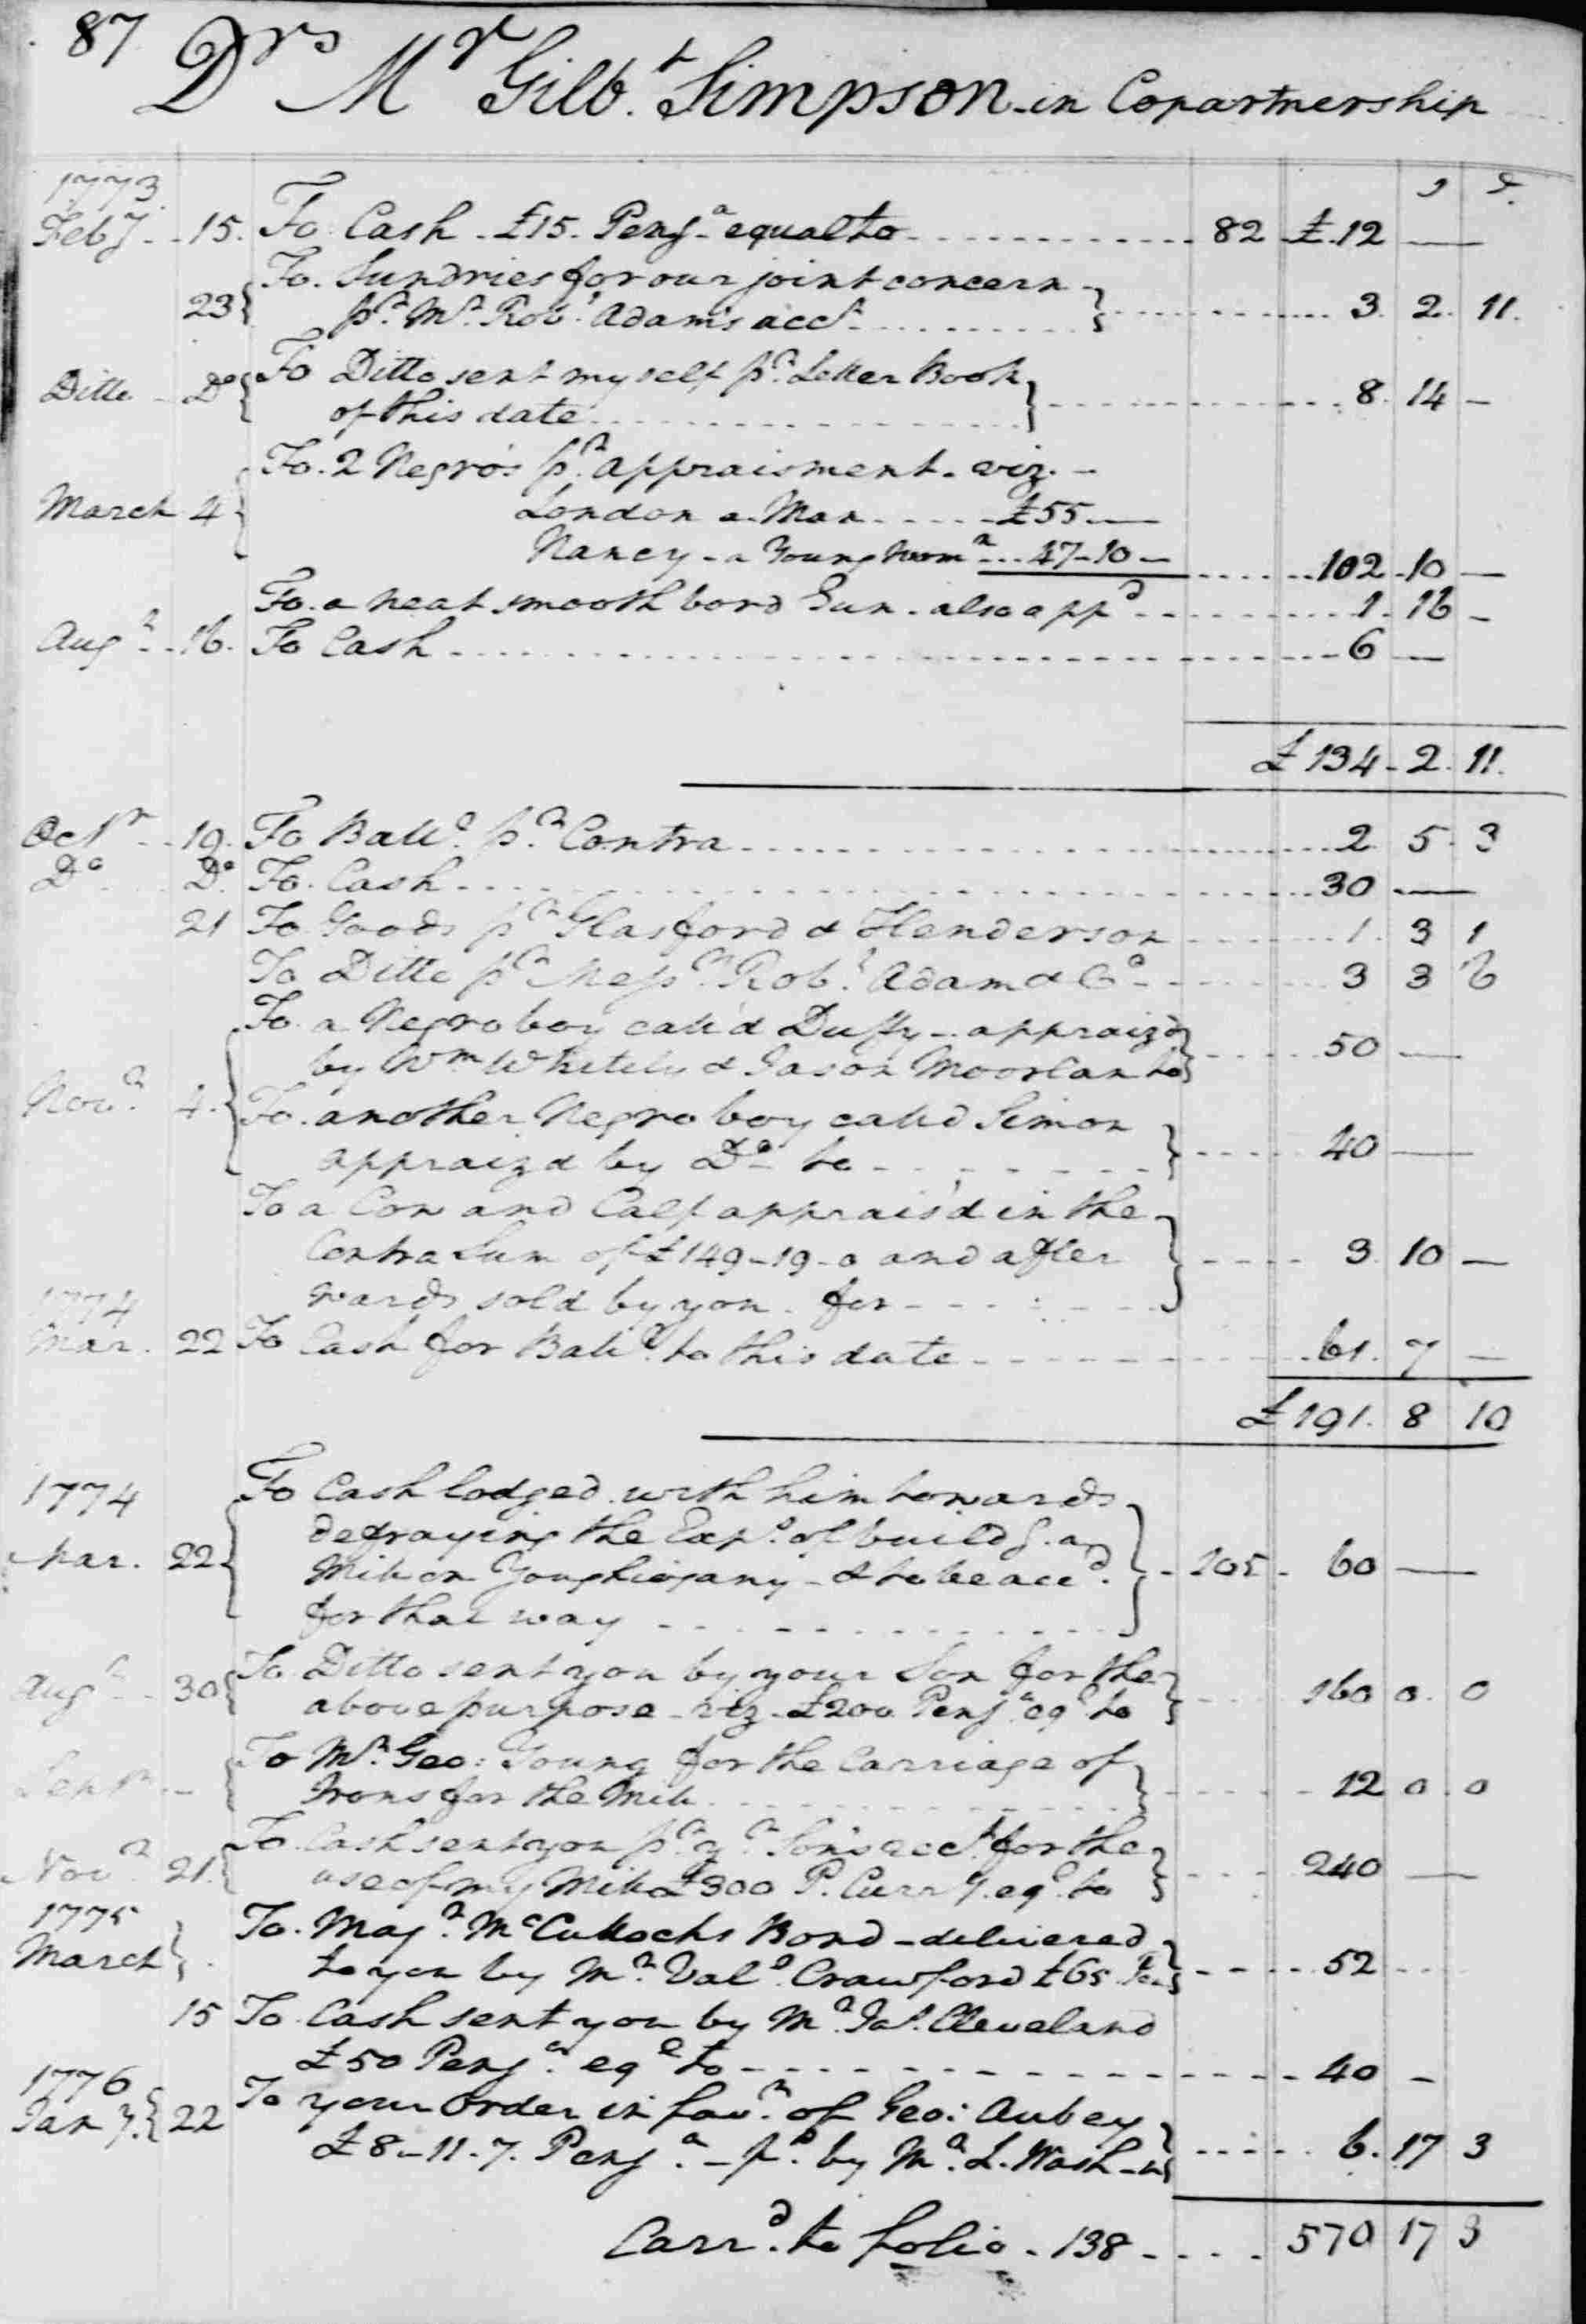 Ledger B, folio 87, left side